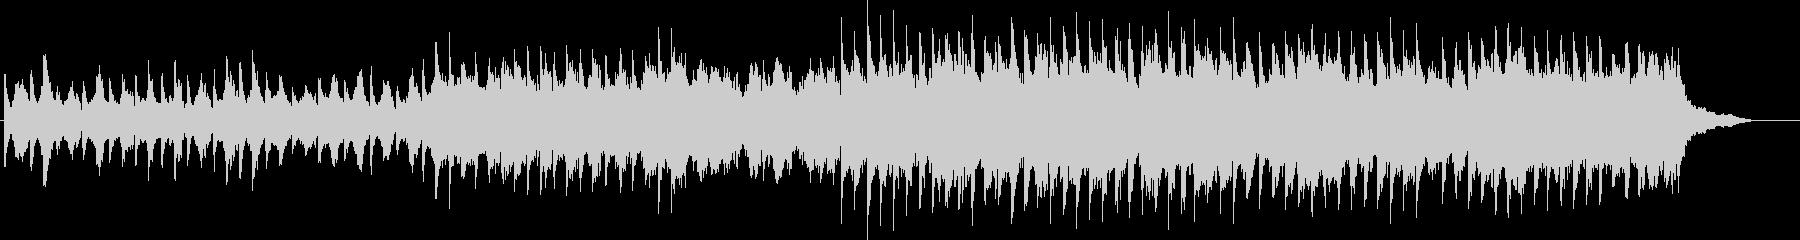 北欧、自然、ピアノ、ストリングス、合唱の未再生の波形